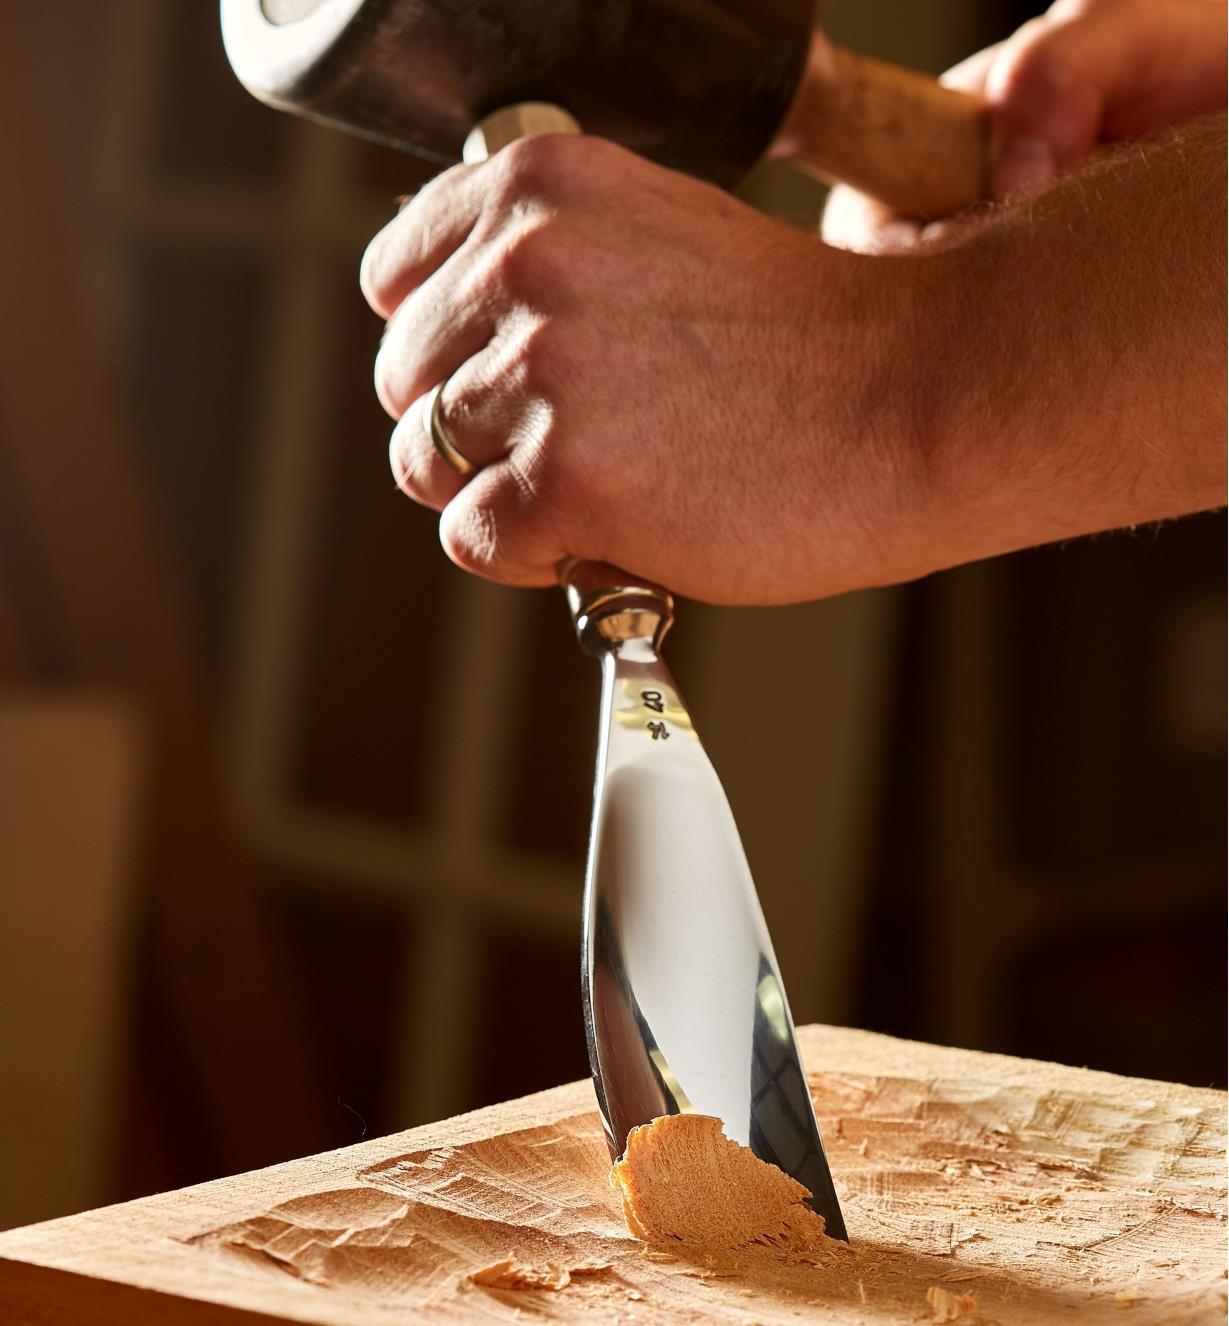 Grande gouge courbée no 5 Hirsch servant à évider un plat peu profond en bois